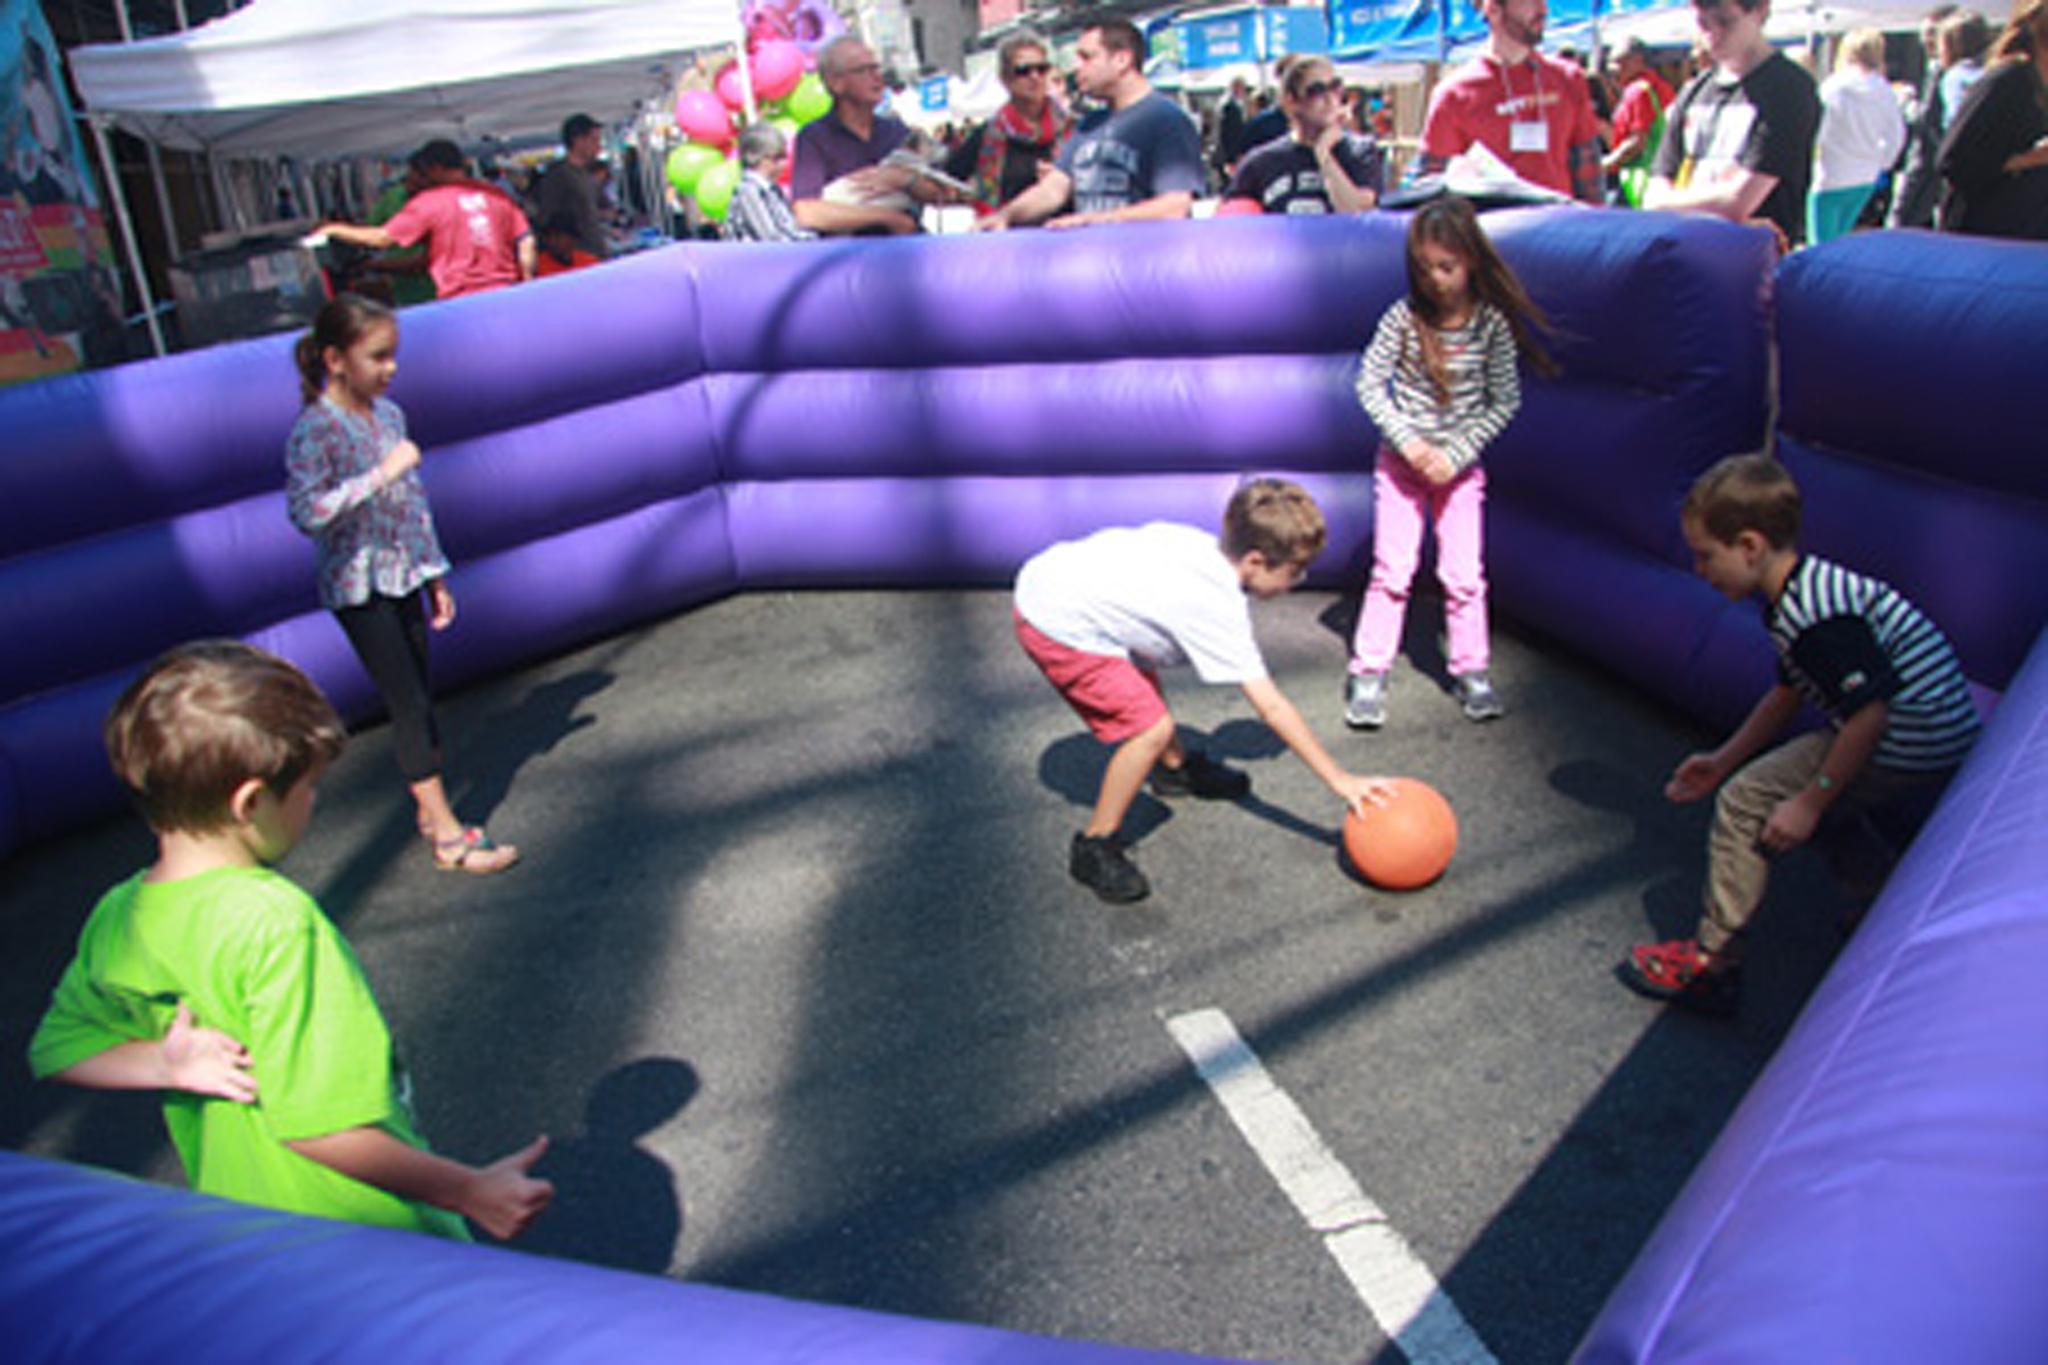 92Y Street Fest